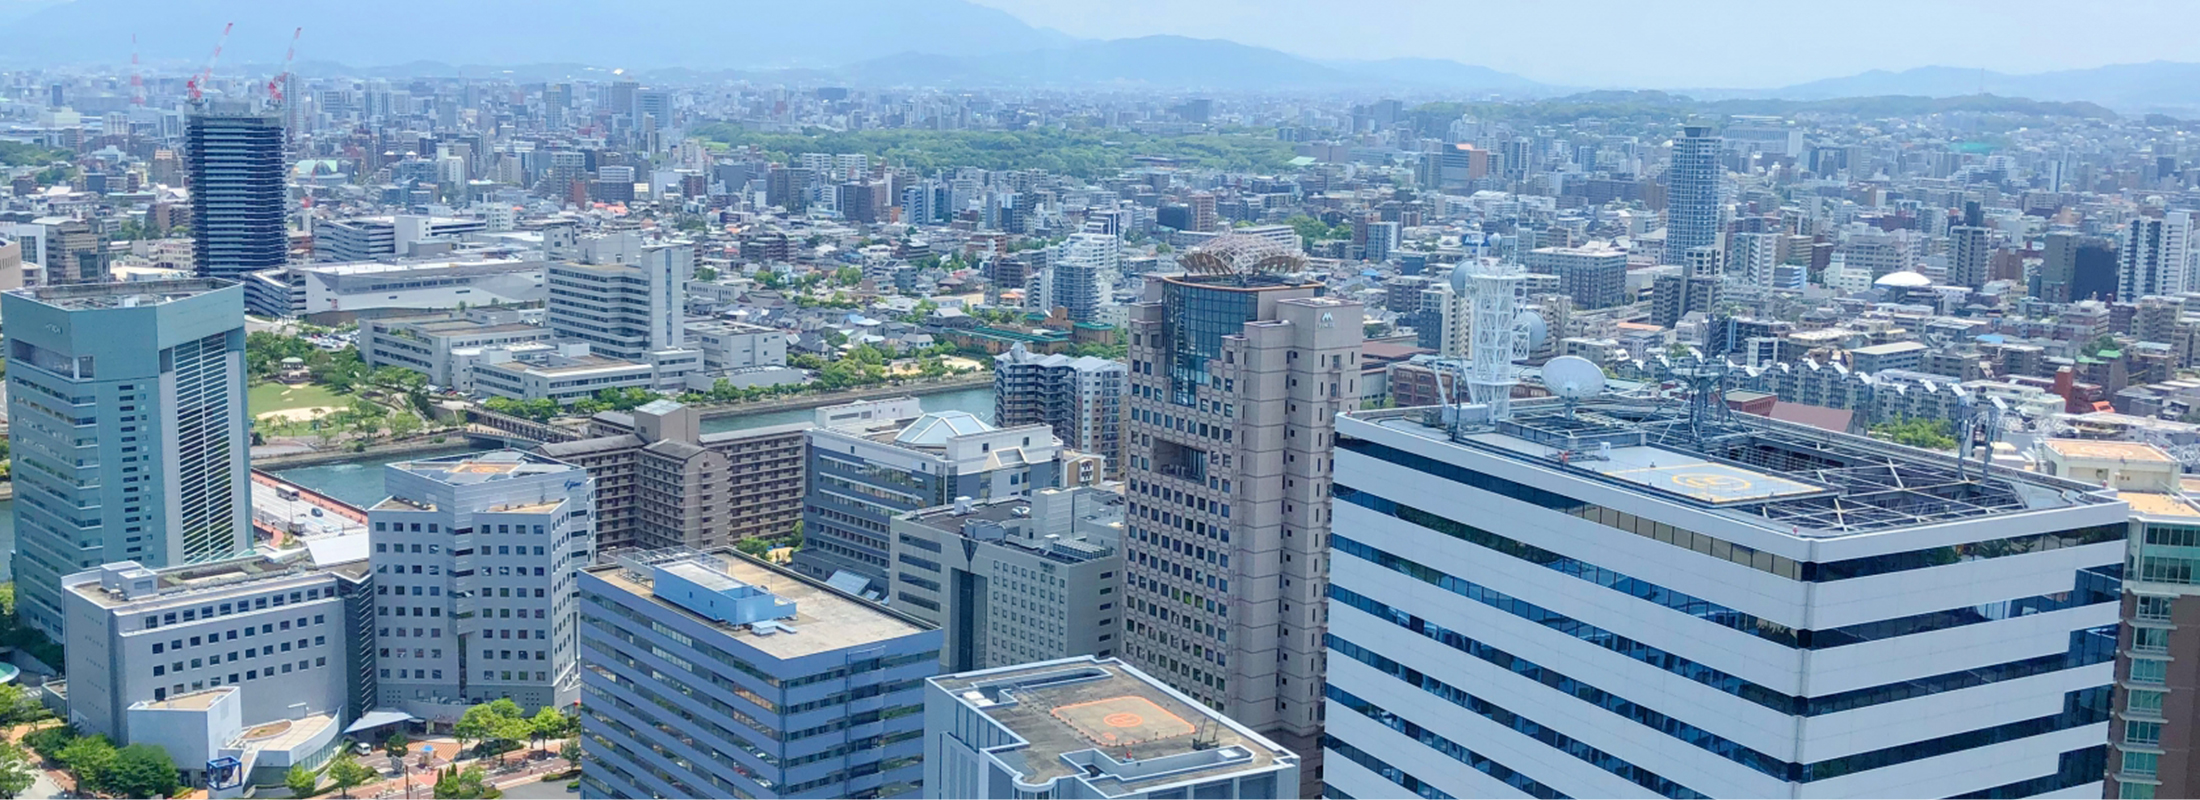 官公庁・自治体・水道局のお客さまへ   九州総合サービス